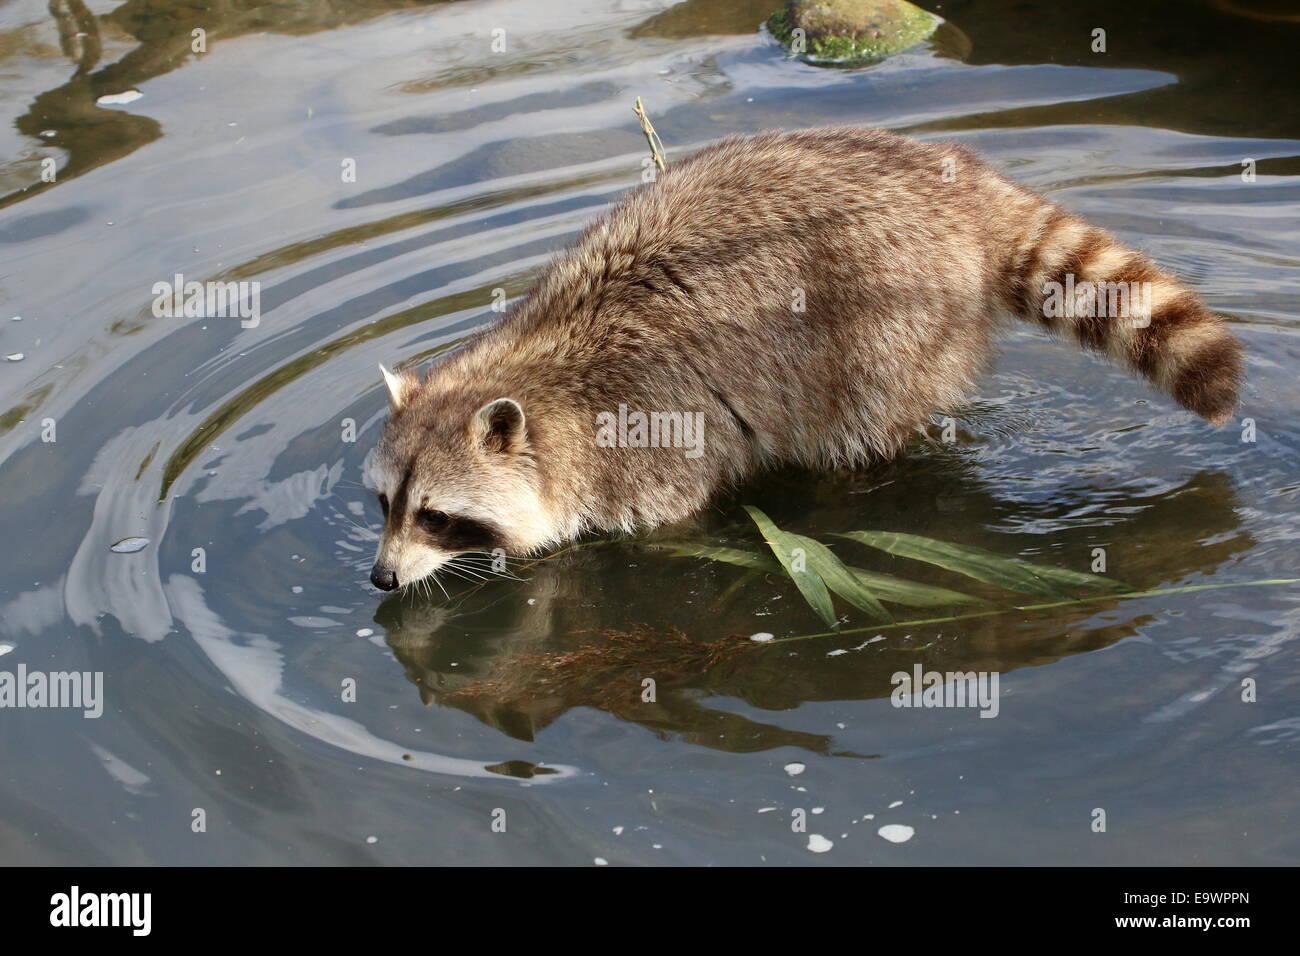 L'Amérique du Nord ou raton laveur (Procyon lotor) marcher dans l'eau Photo Stock